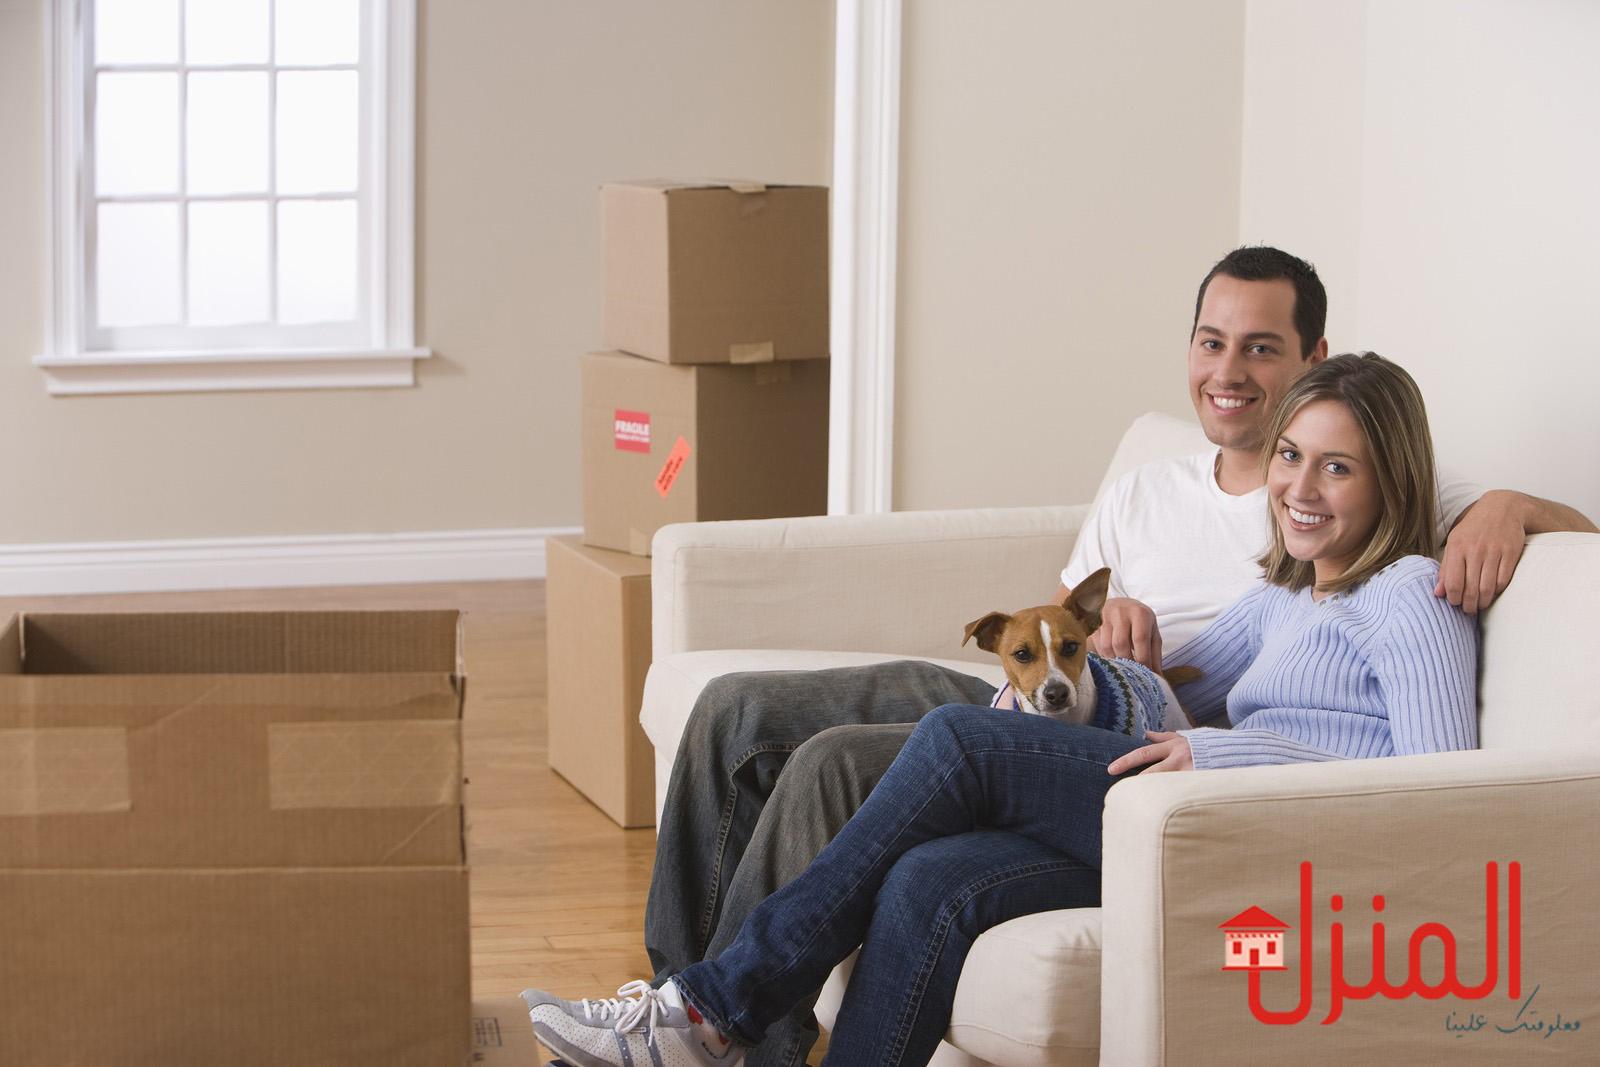 طرق تجعل الانتقال إلى منزل جديد أكثر سهولة